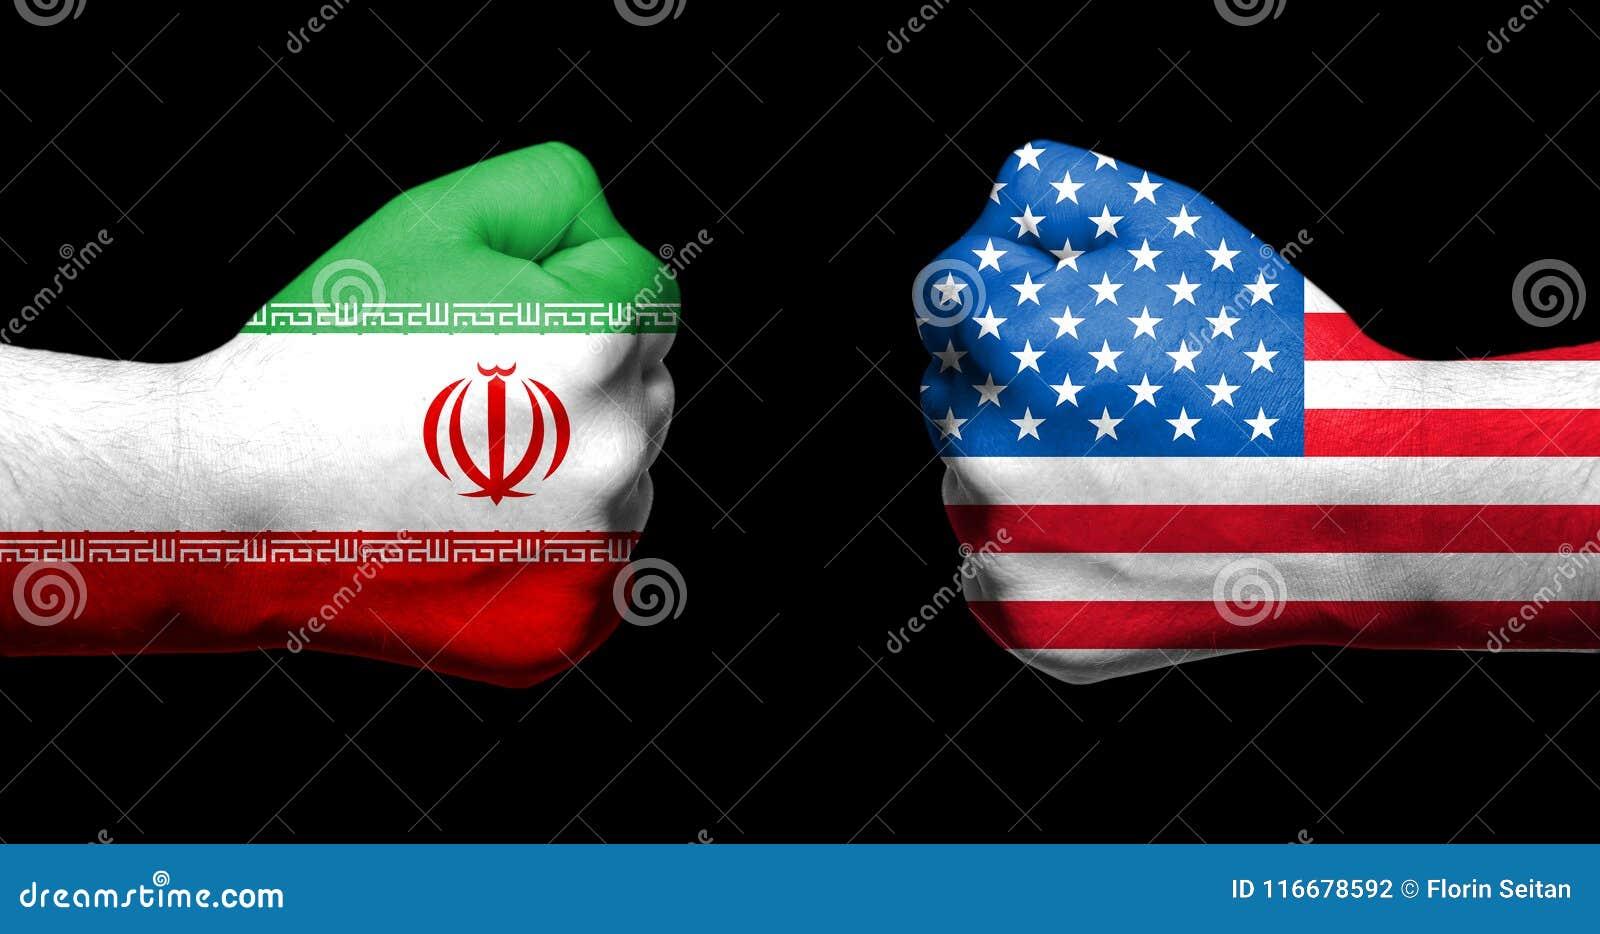 As bandeiras dos EUA e do Irã pintados em dois apertaram os punhos que enfrentam cada um